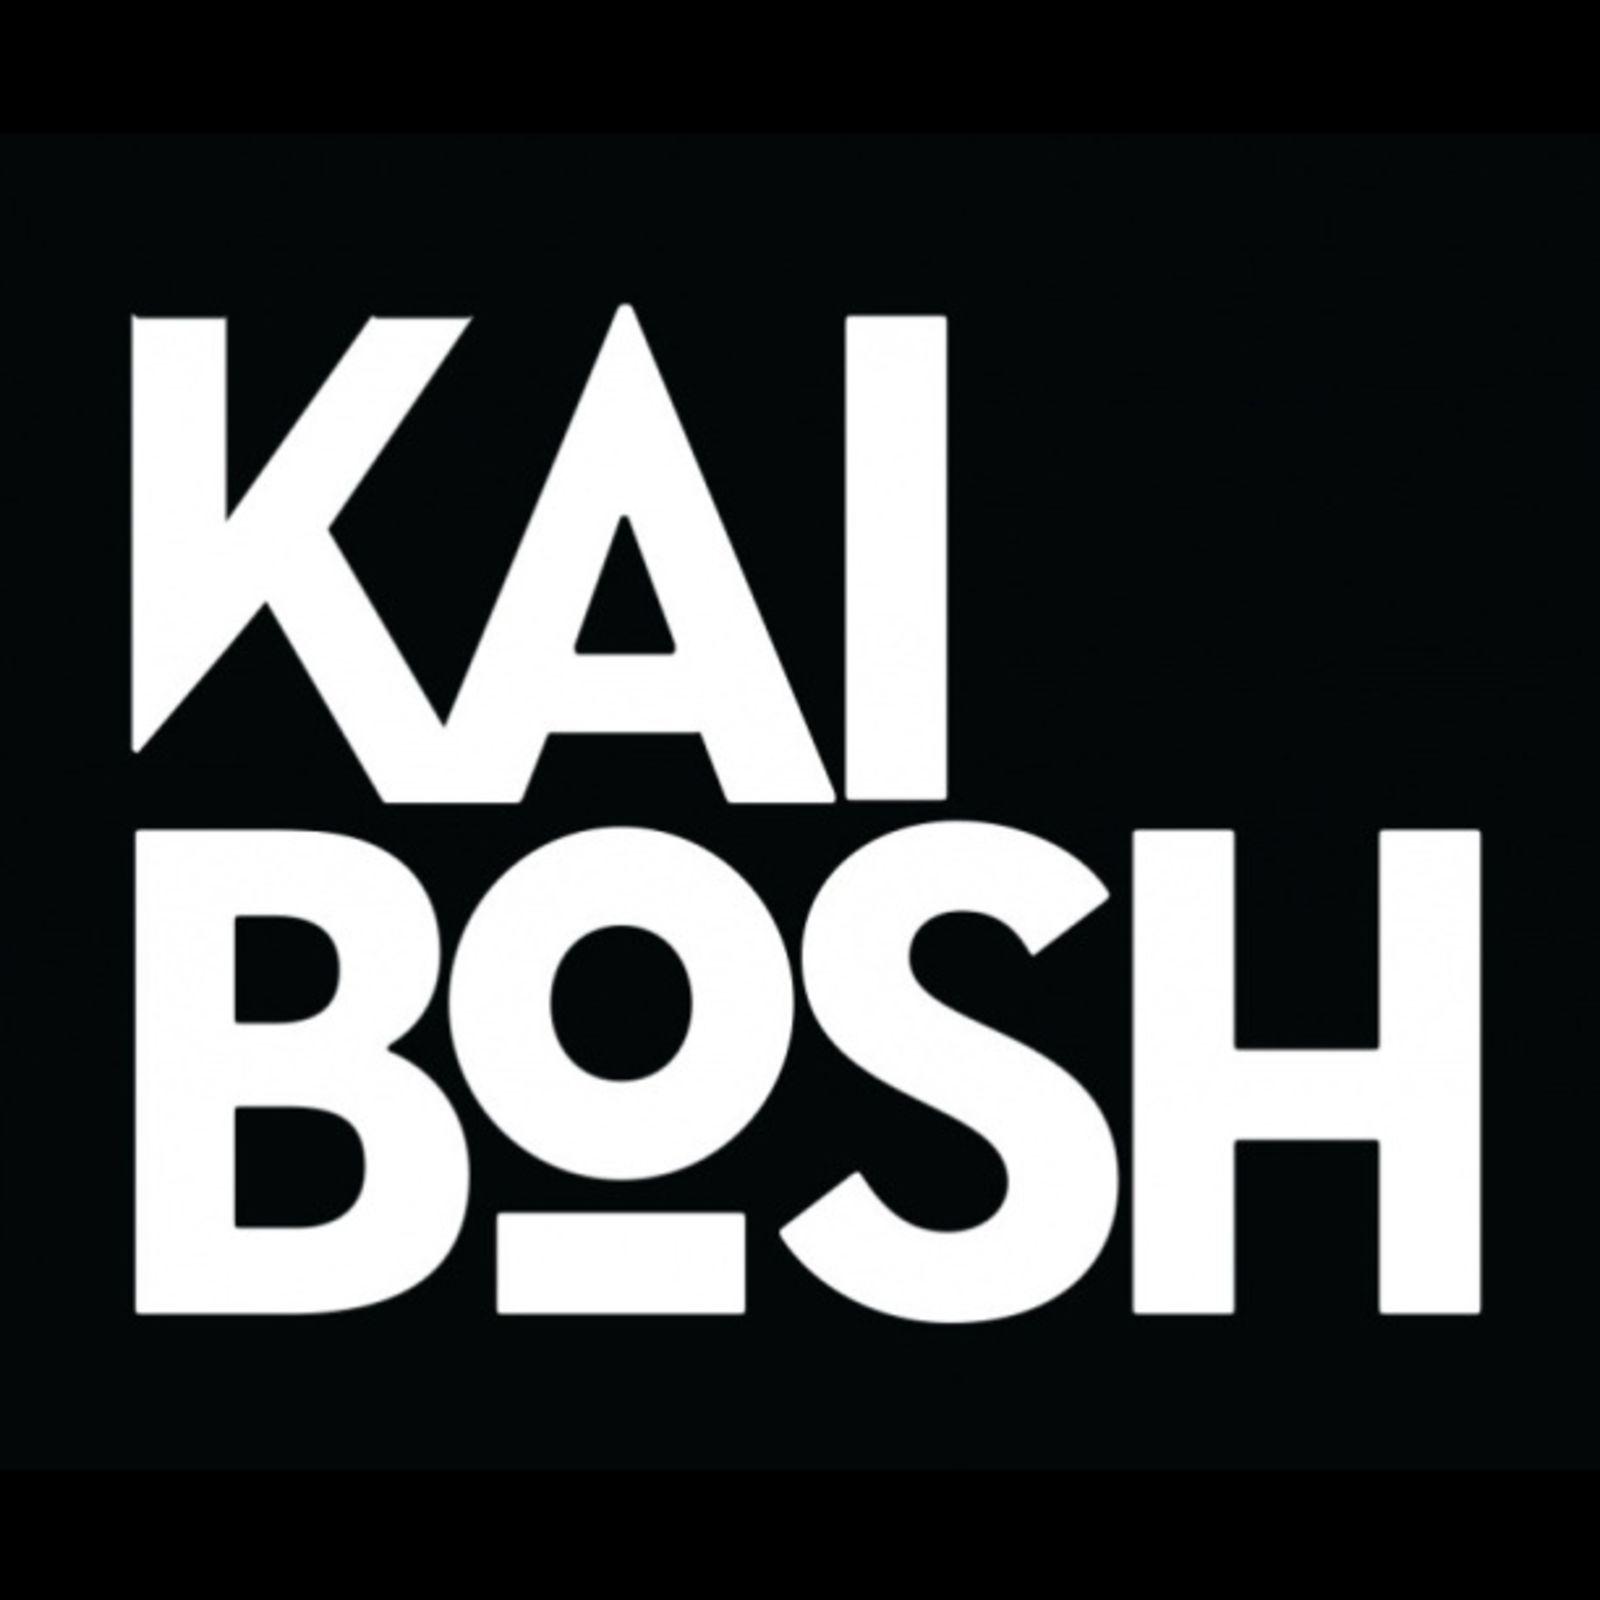 KAIBOSH Eyewear (Image 1)